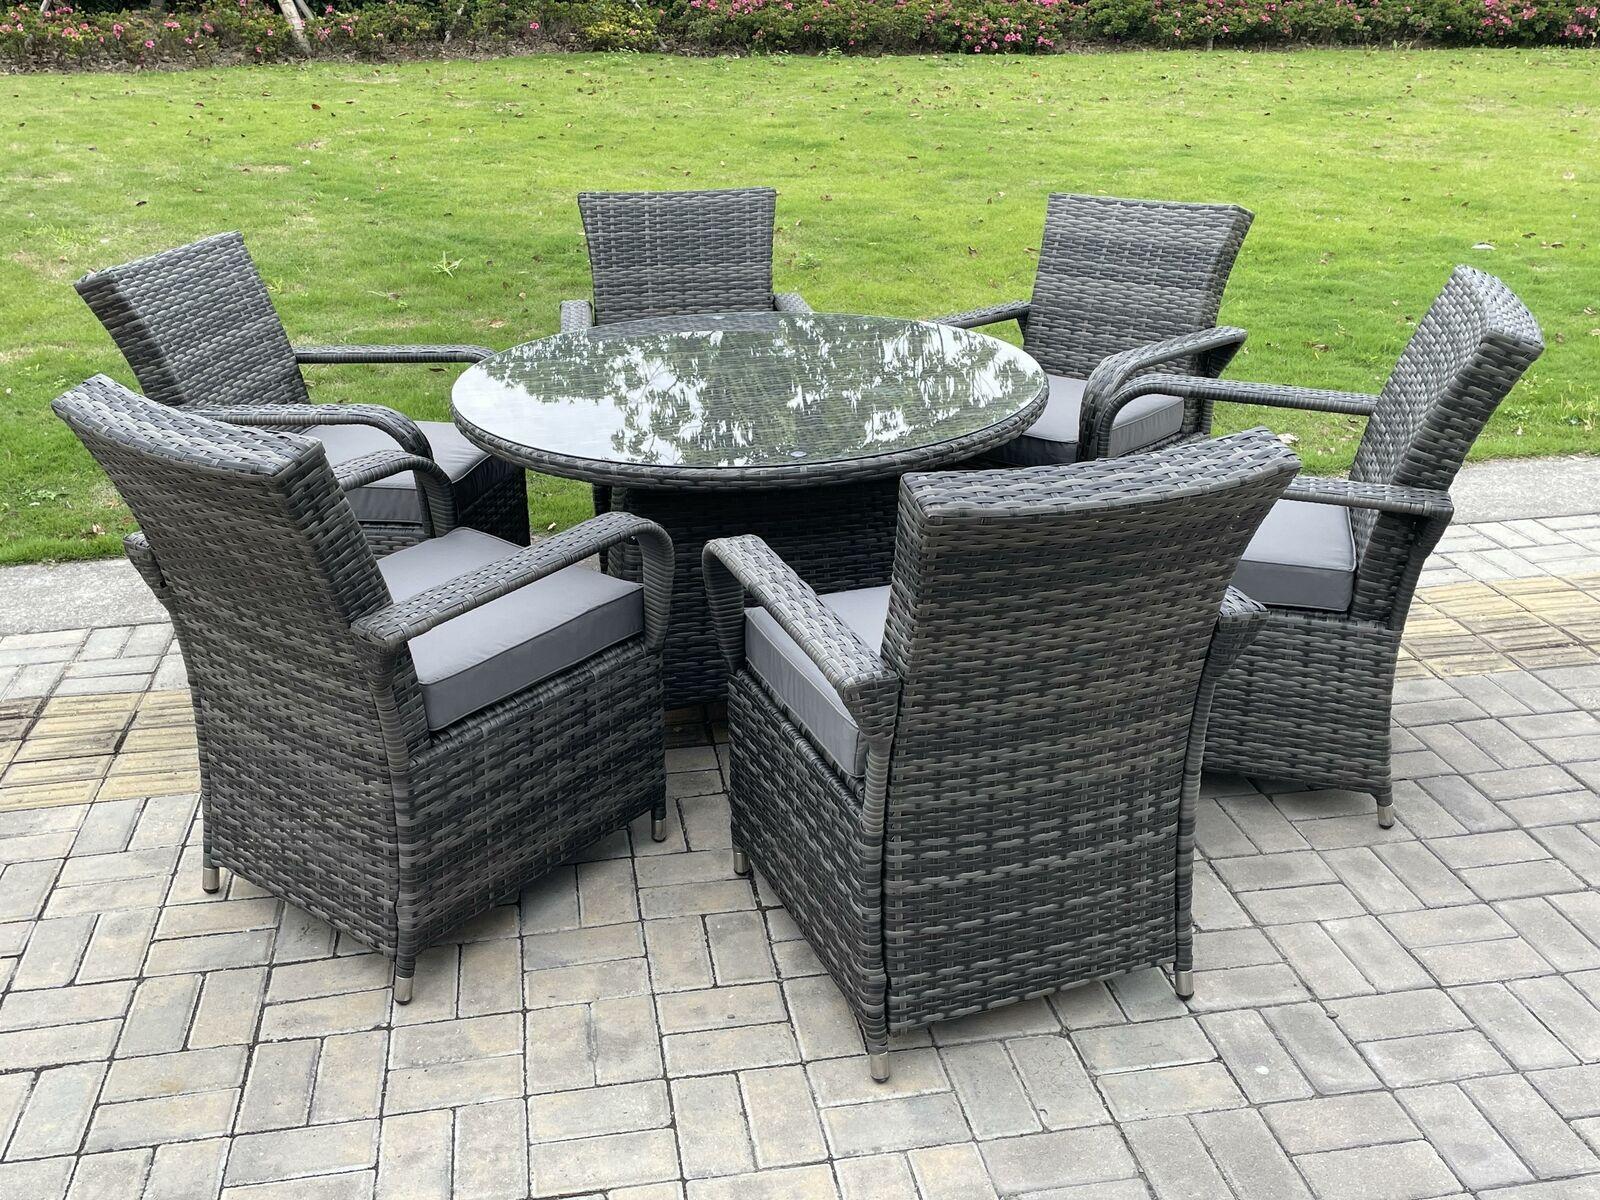 Garden Furniture - Dark Grey Mix Rattan Garden Furniture Dining Sets Outdoor Patio